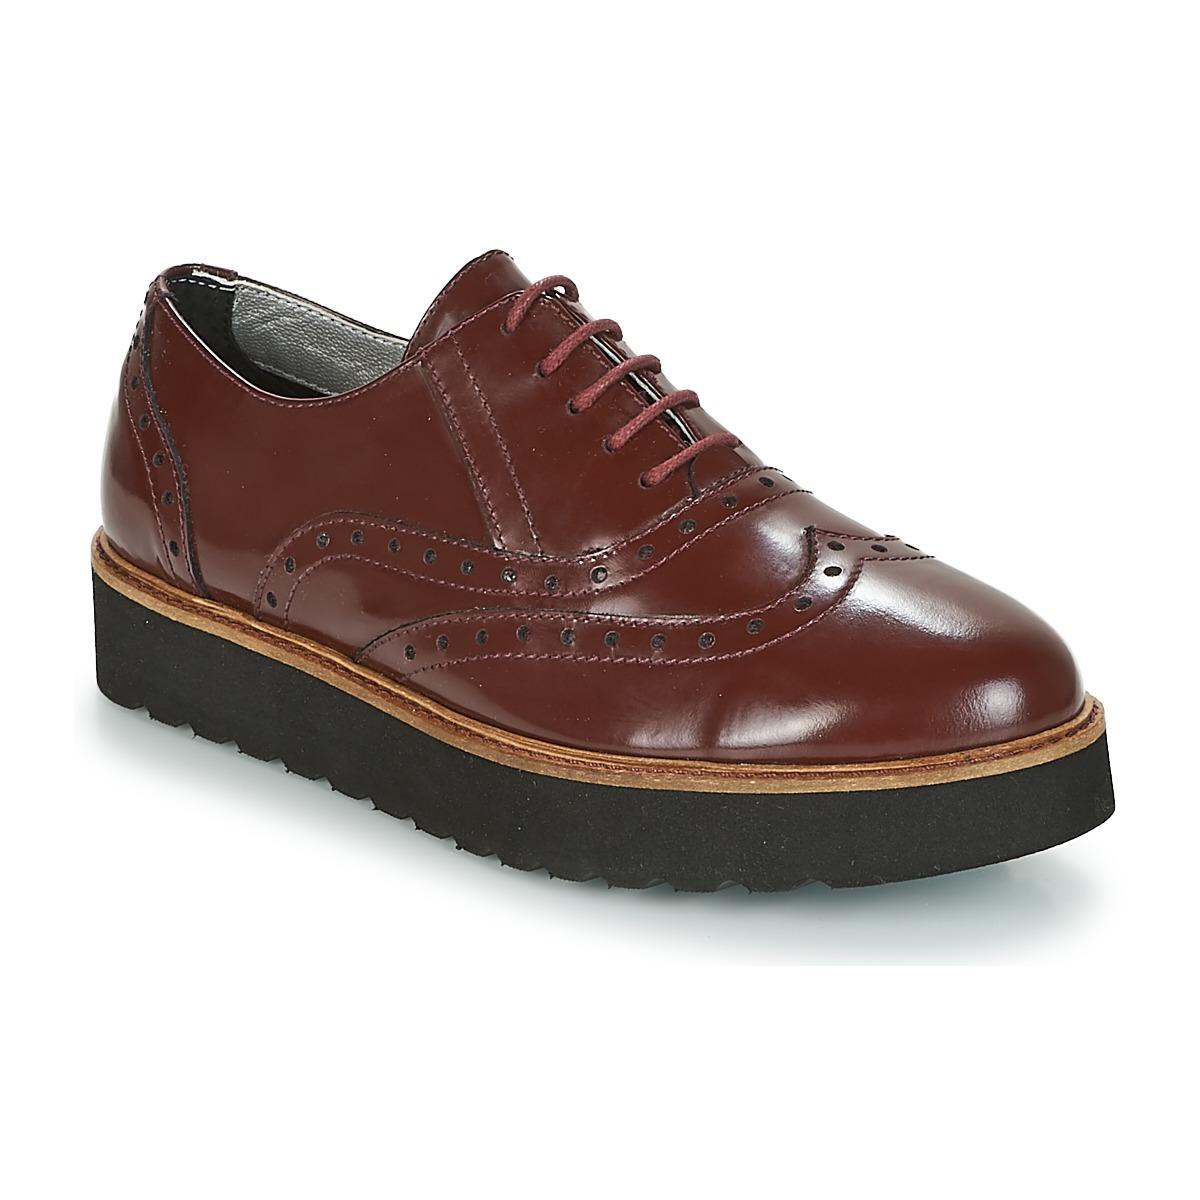 Ippon Vintage ANDY THICK Bordeaux - Kostenloser Versand bei Spartoode ! - Schuhe Derby-Schuhe Damen 155,00 €